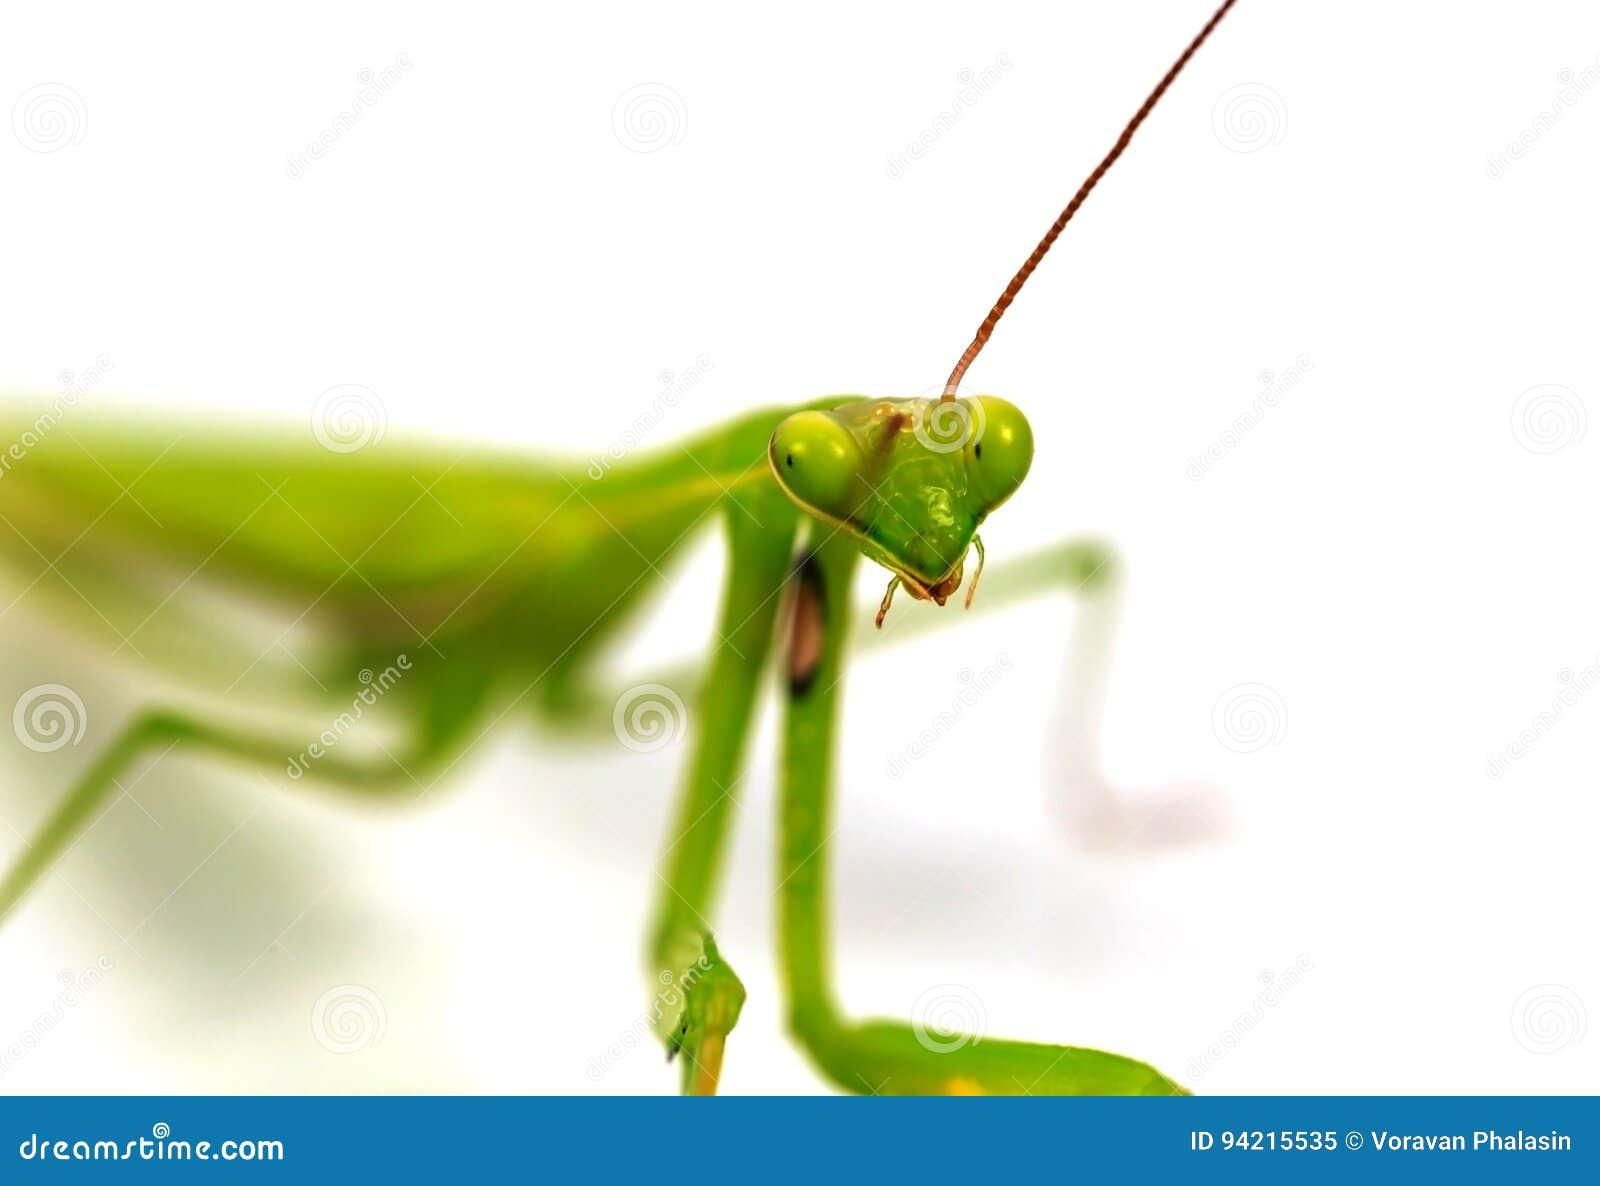 De groene sprinkhaan, gezicht zag uit op nadruk die, op witte achtergrond wordt geïsoleerd